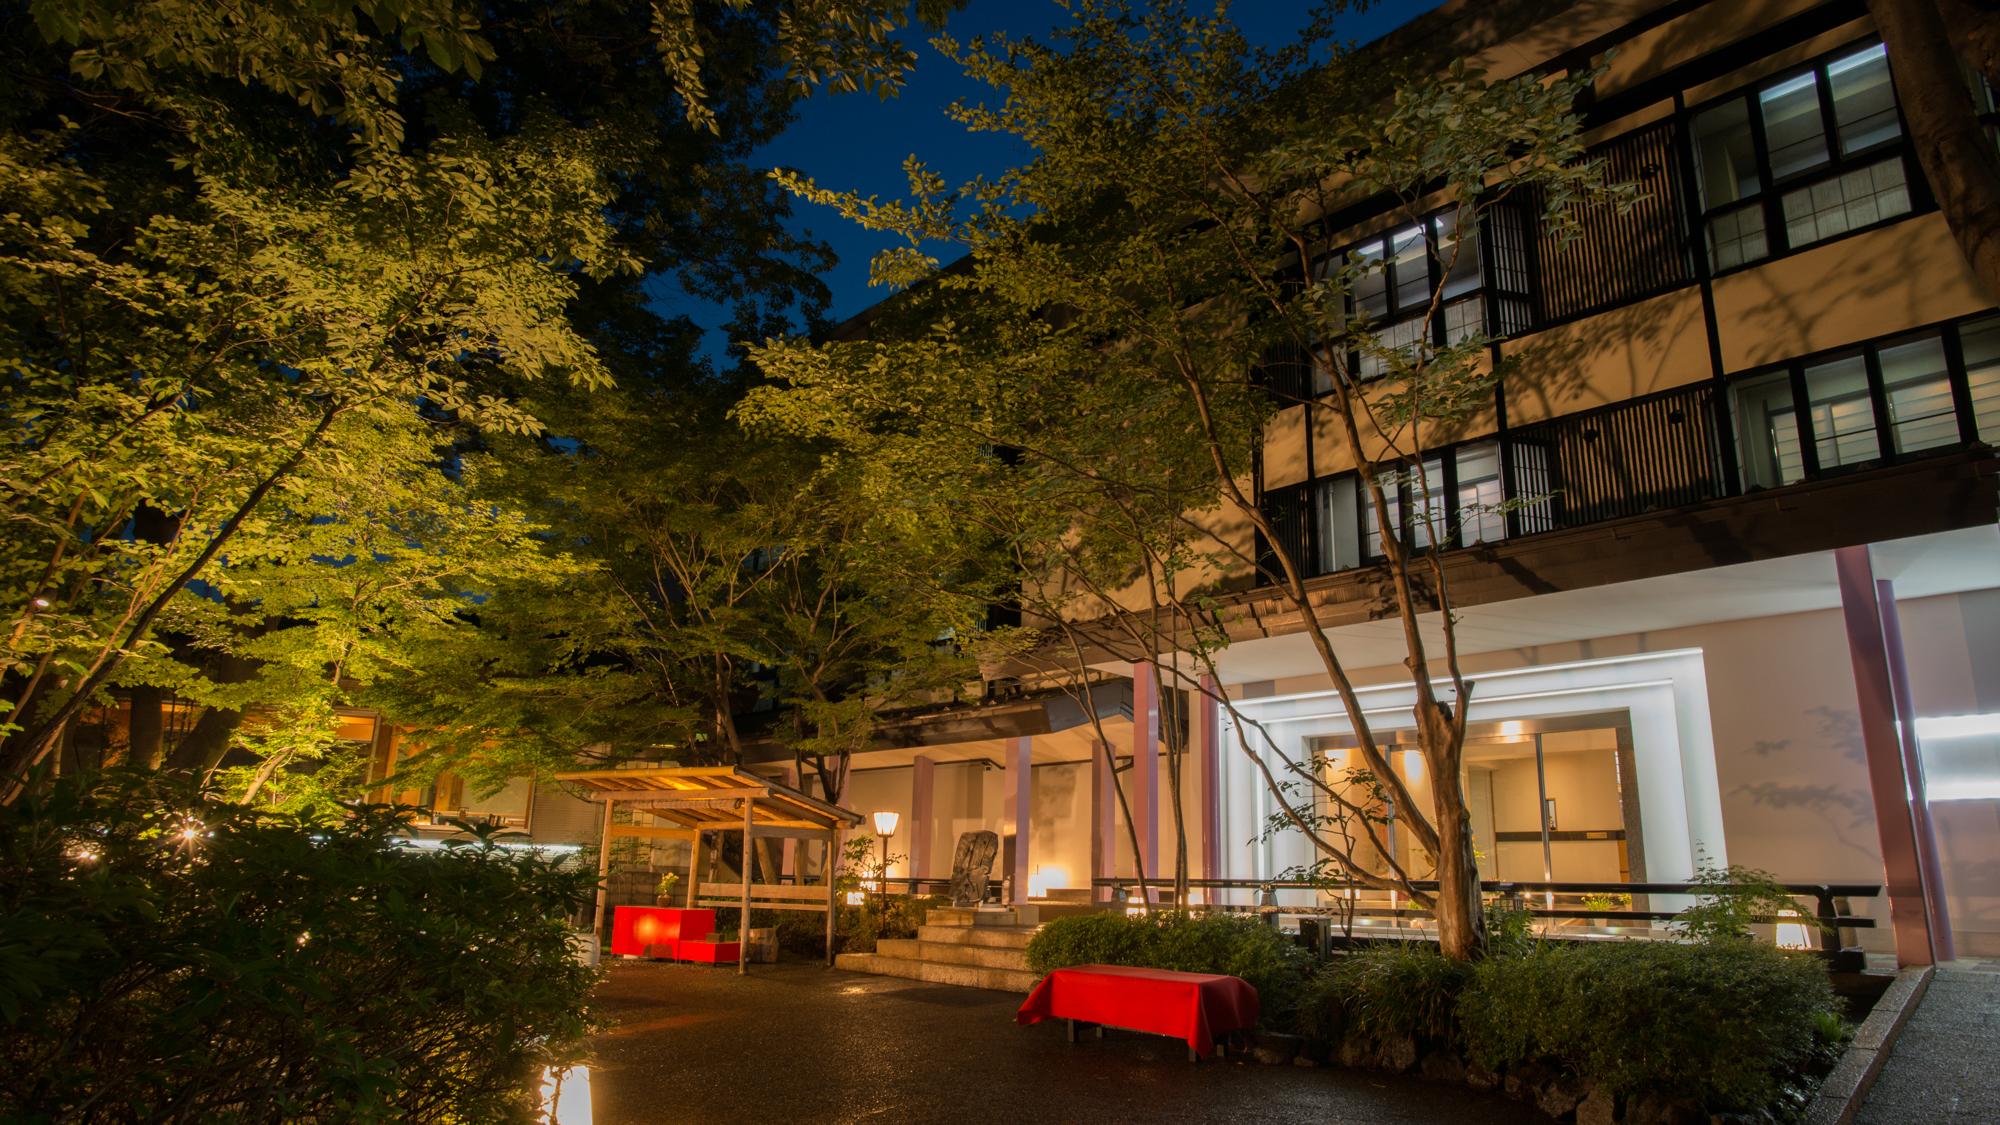 息子からのプレゼントの鬼怒川温泉旅行、露天風呂があるお宿はどこですか?